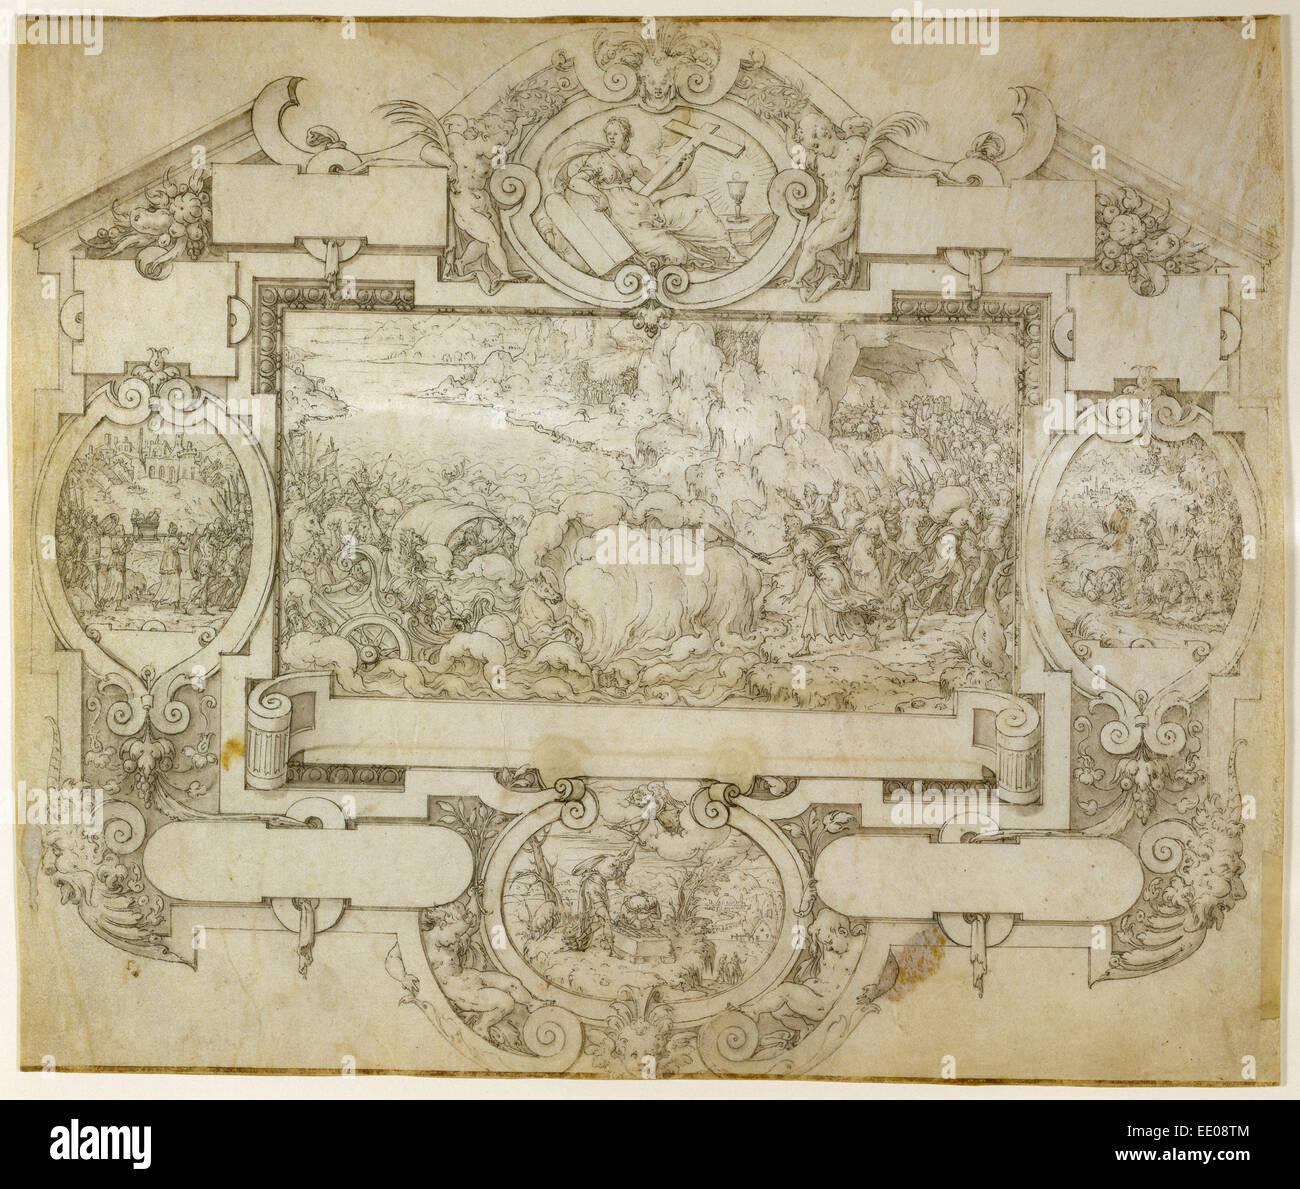 Die Zerstörung der Pharao der Armee und andere Szenen in einer Kartusche; Etienne Delaune, Französisch, Stockbild